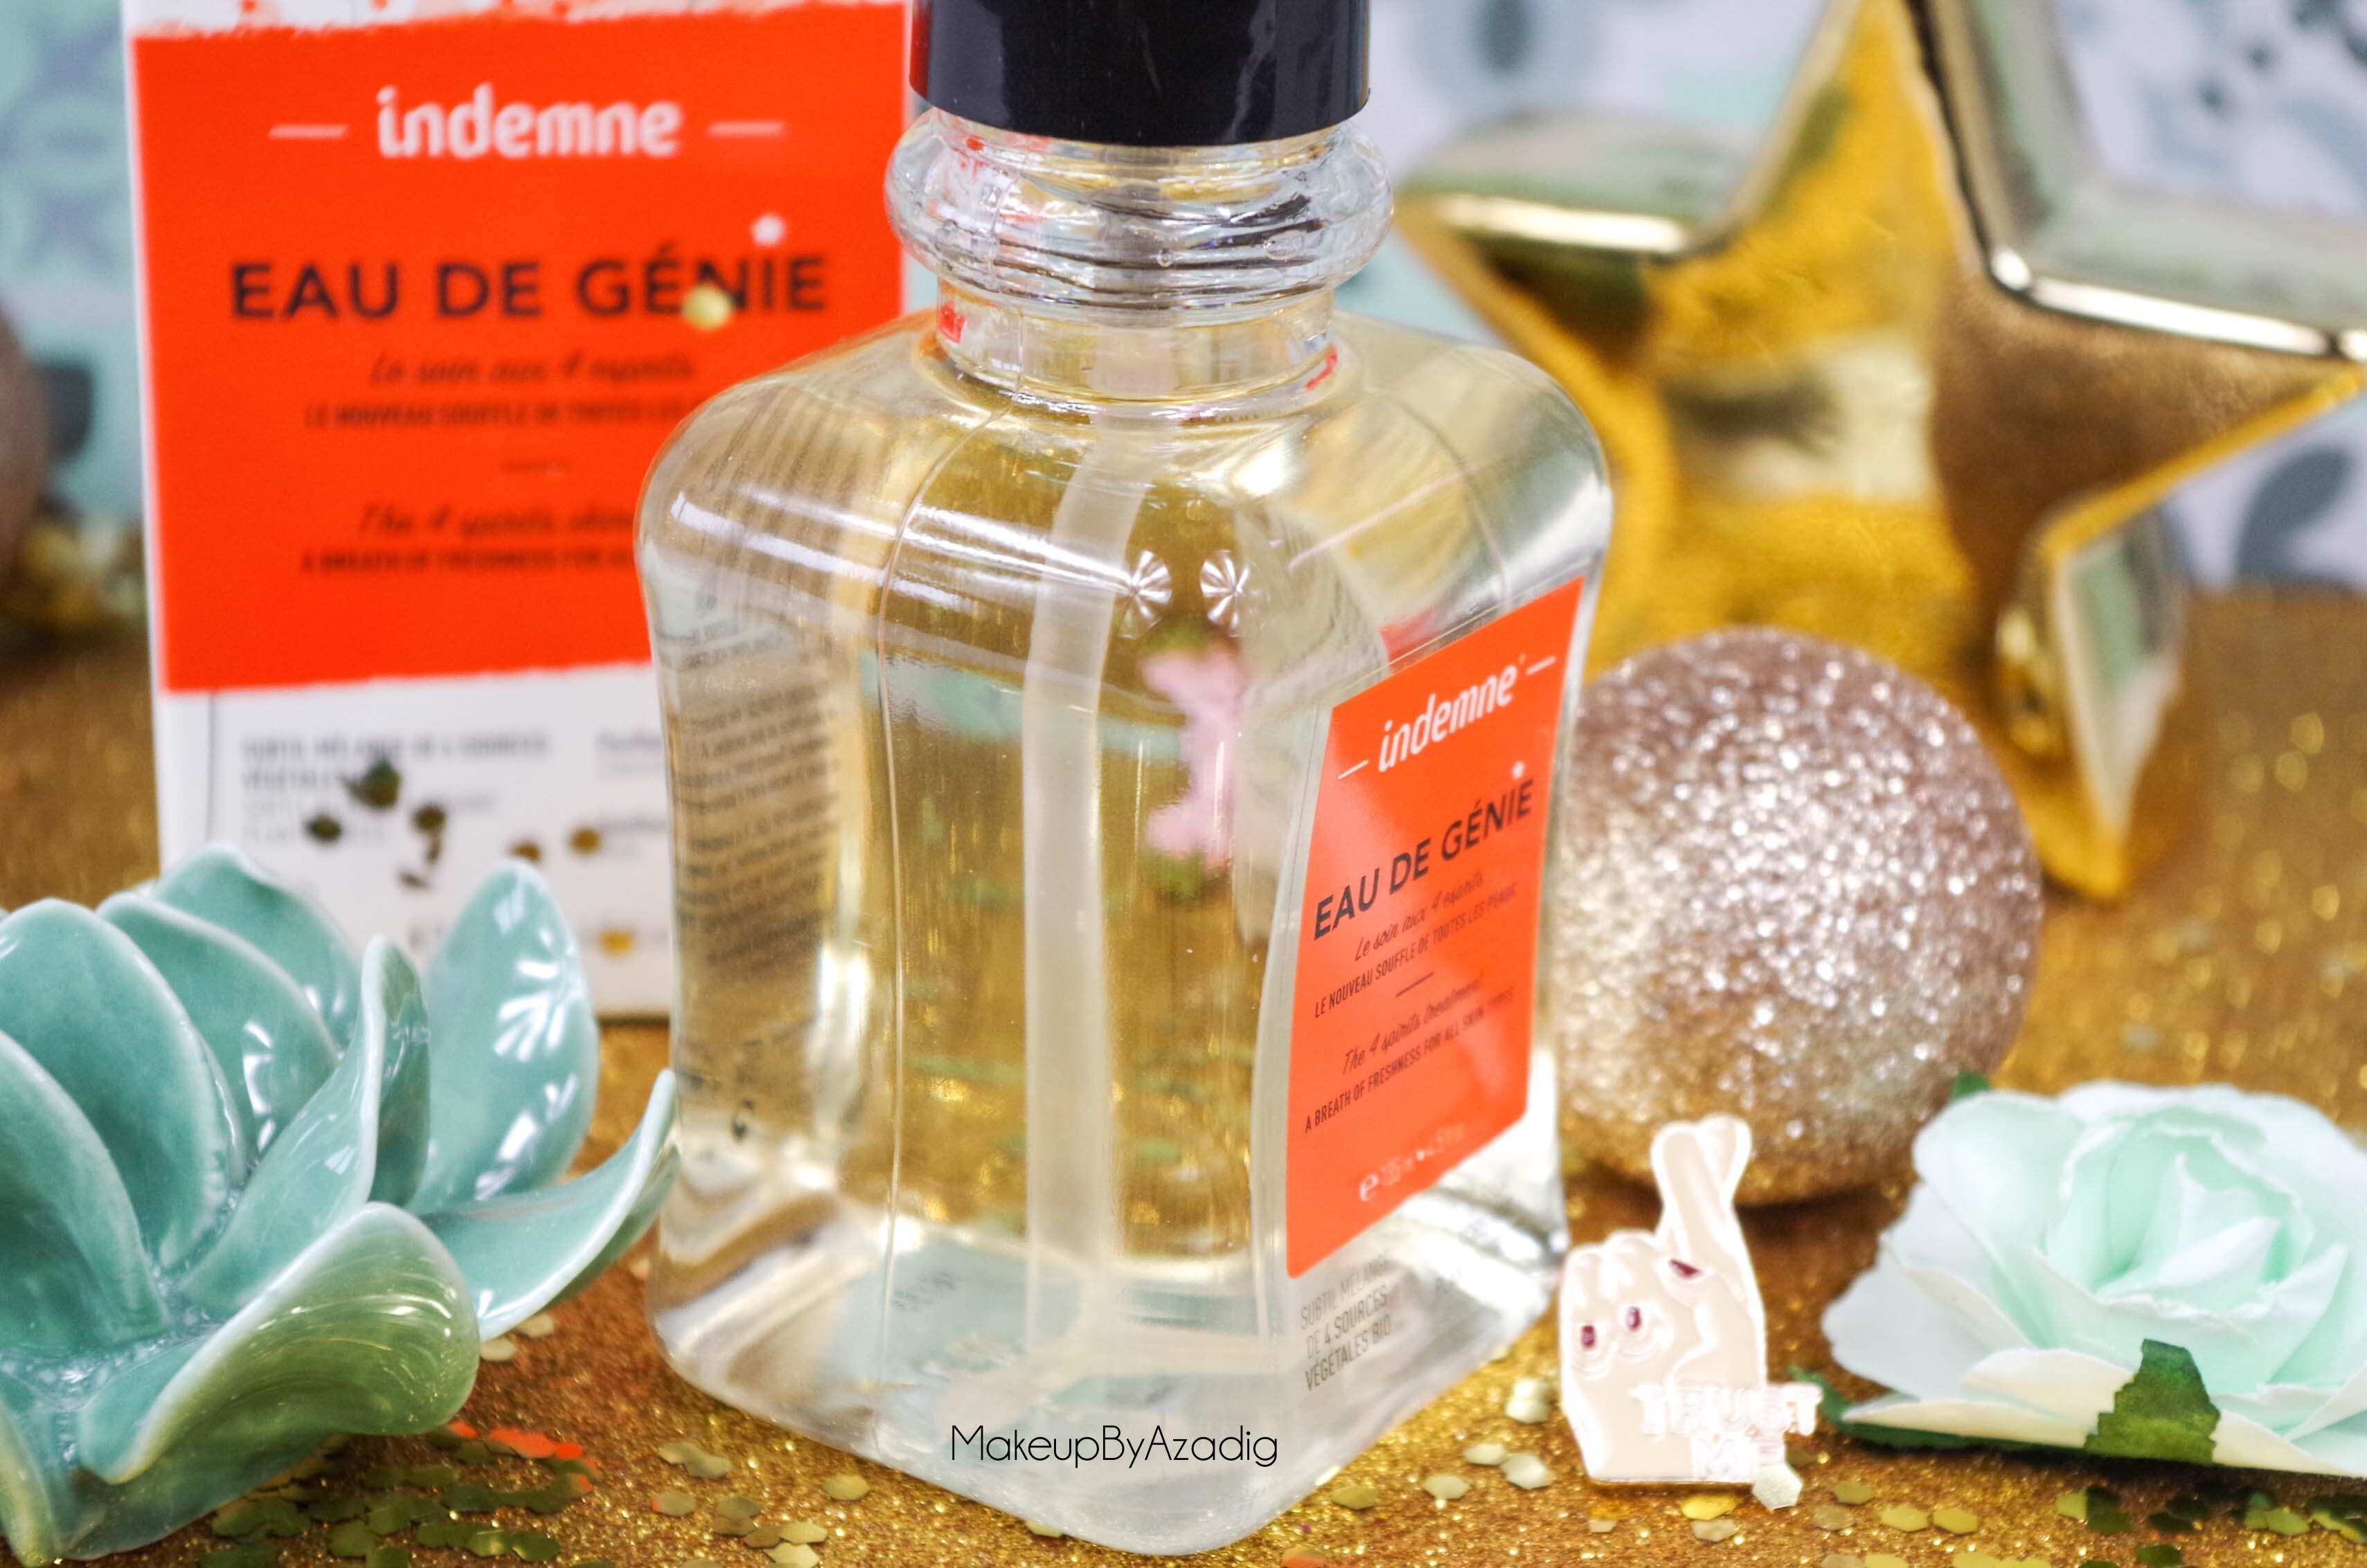 review-lotion-tonique-eau-de-genie-indemne-france-avis-prix-cosmetique-bio-produit-naturel-makeupbyazadig-teinte